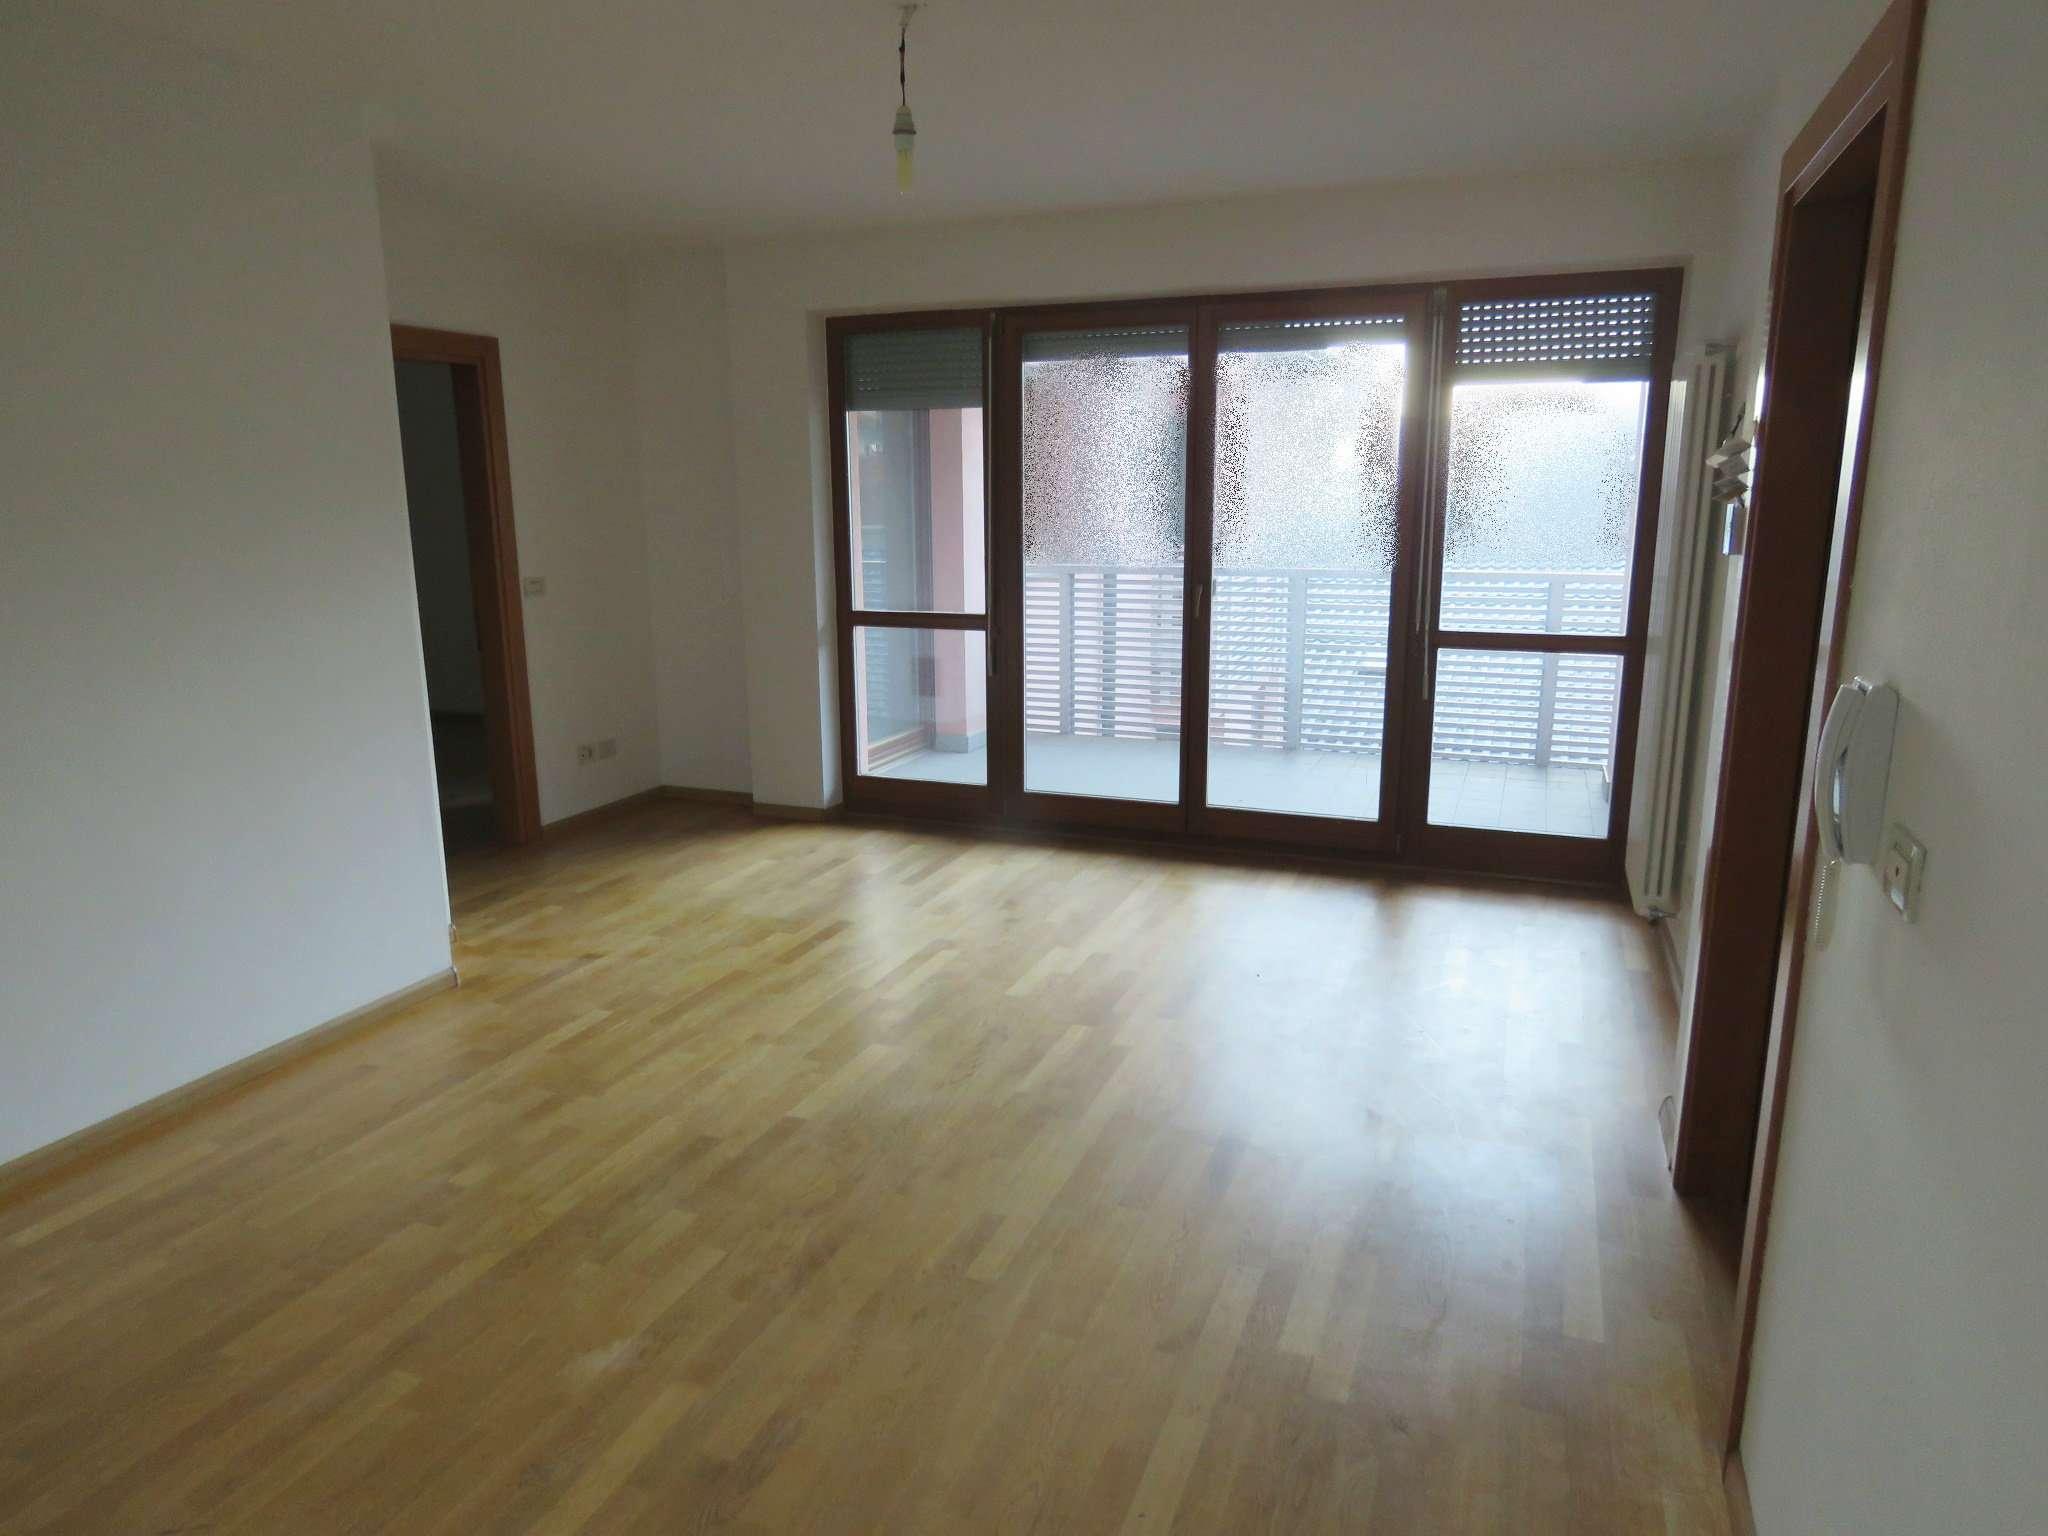 Appartamento in vendita a Termeno sulla Strada del Vino, 3 locali, prezzo € 250.000 | Cambio Casa.it